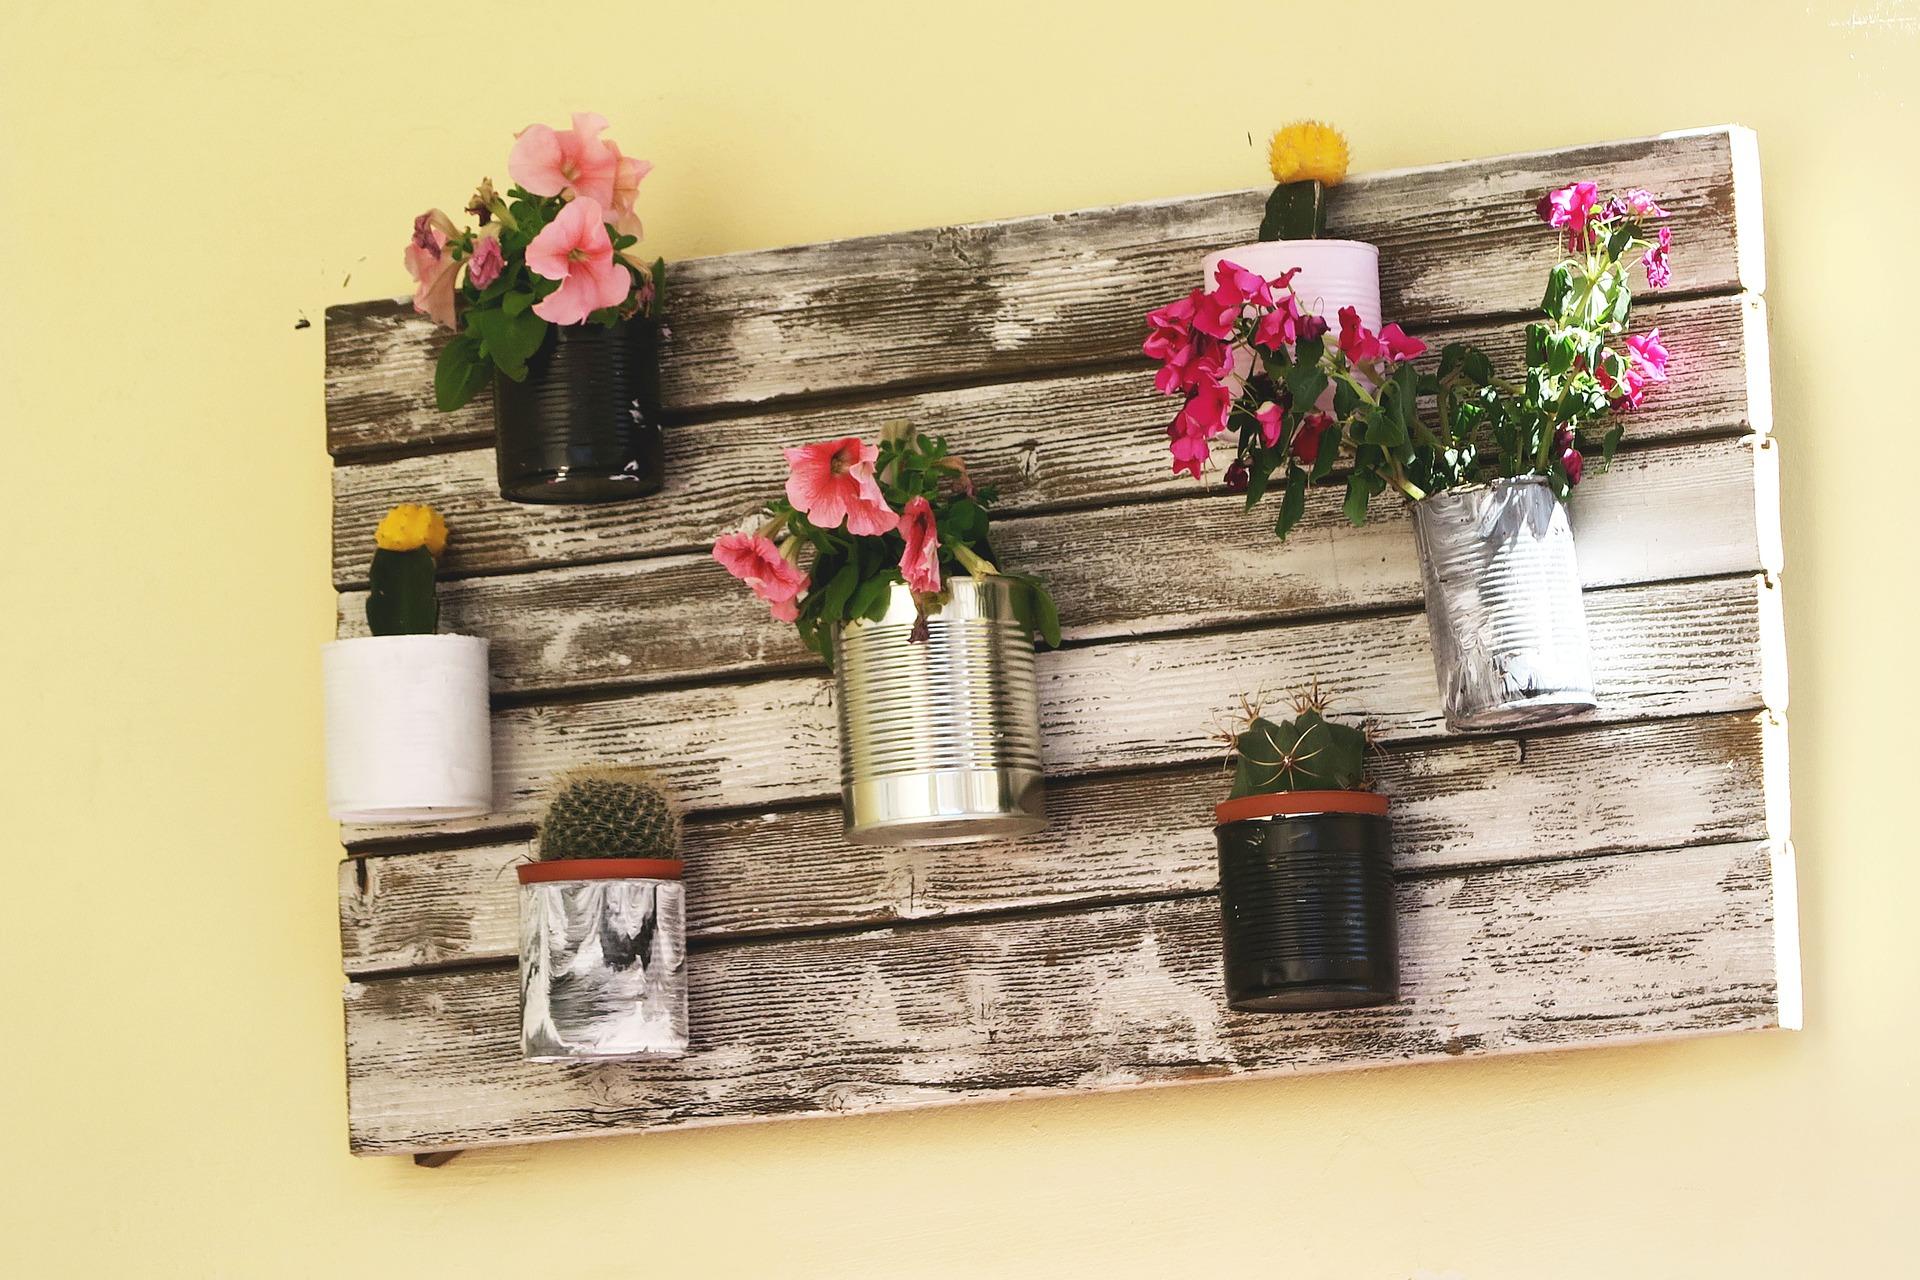 Décoration murale réalisée avec des planches en bois et des plantes dans des conserves